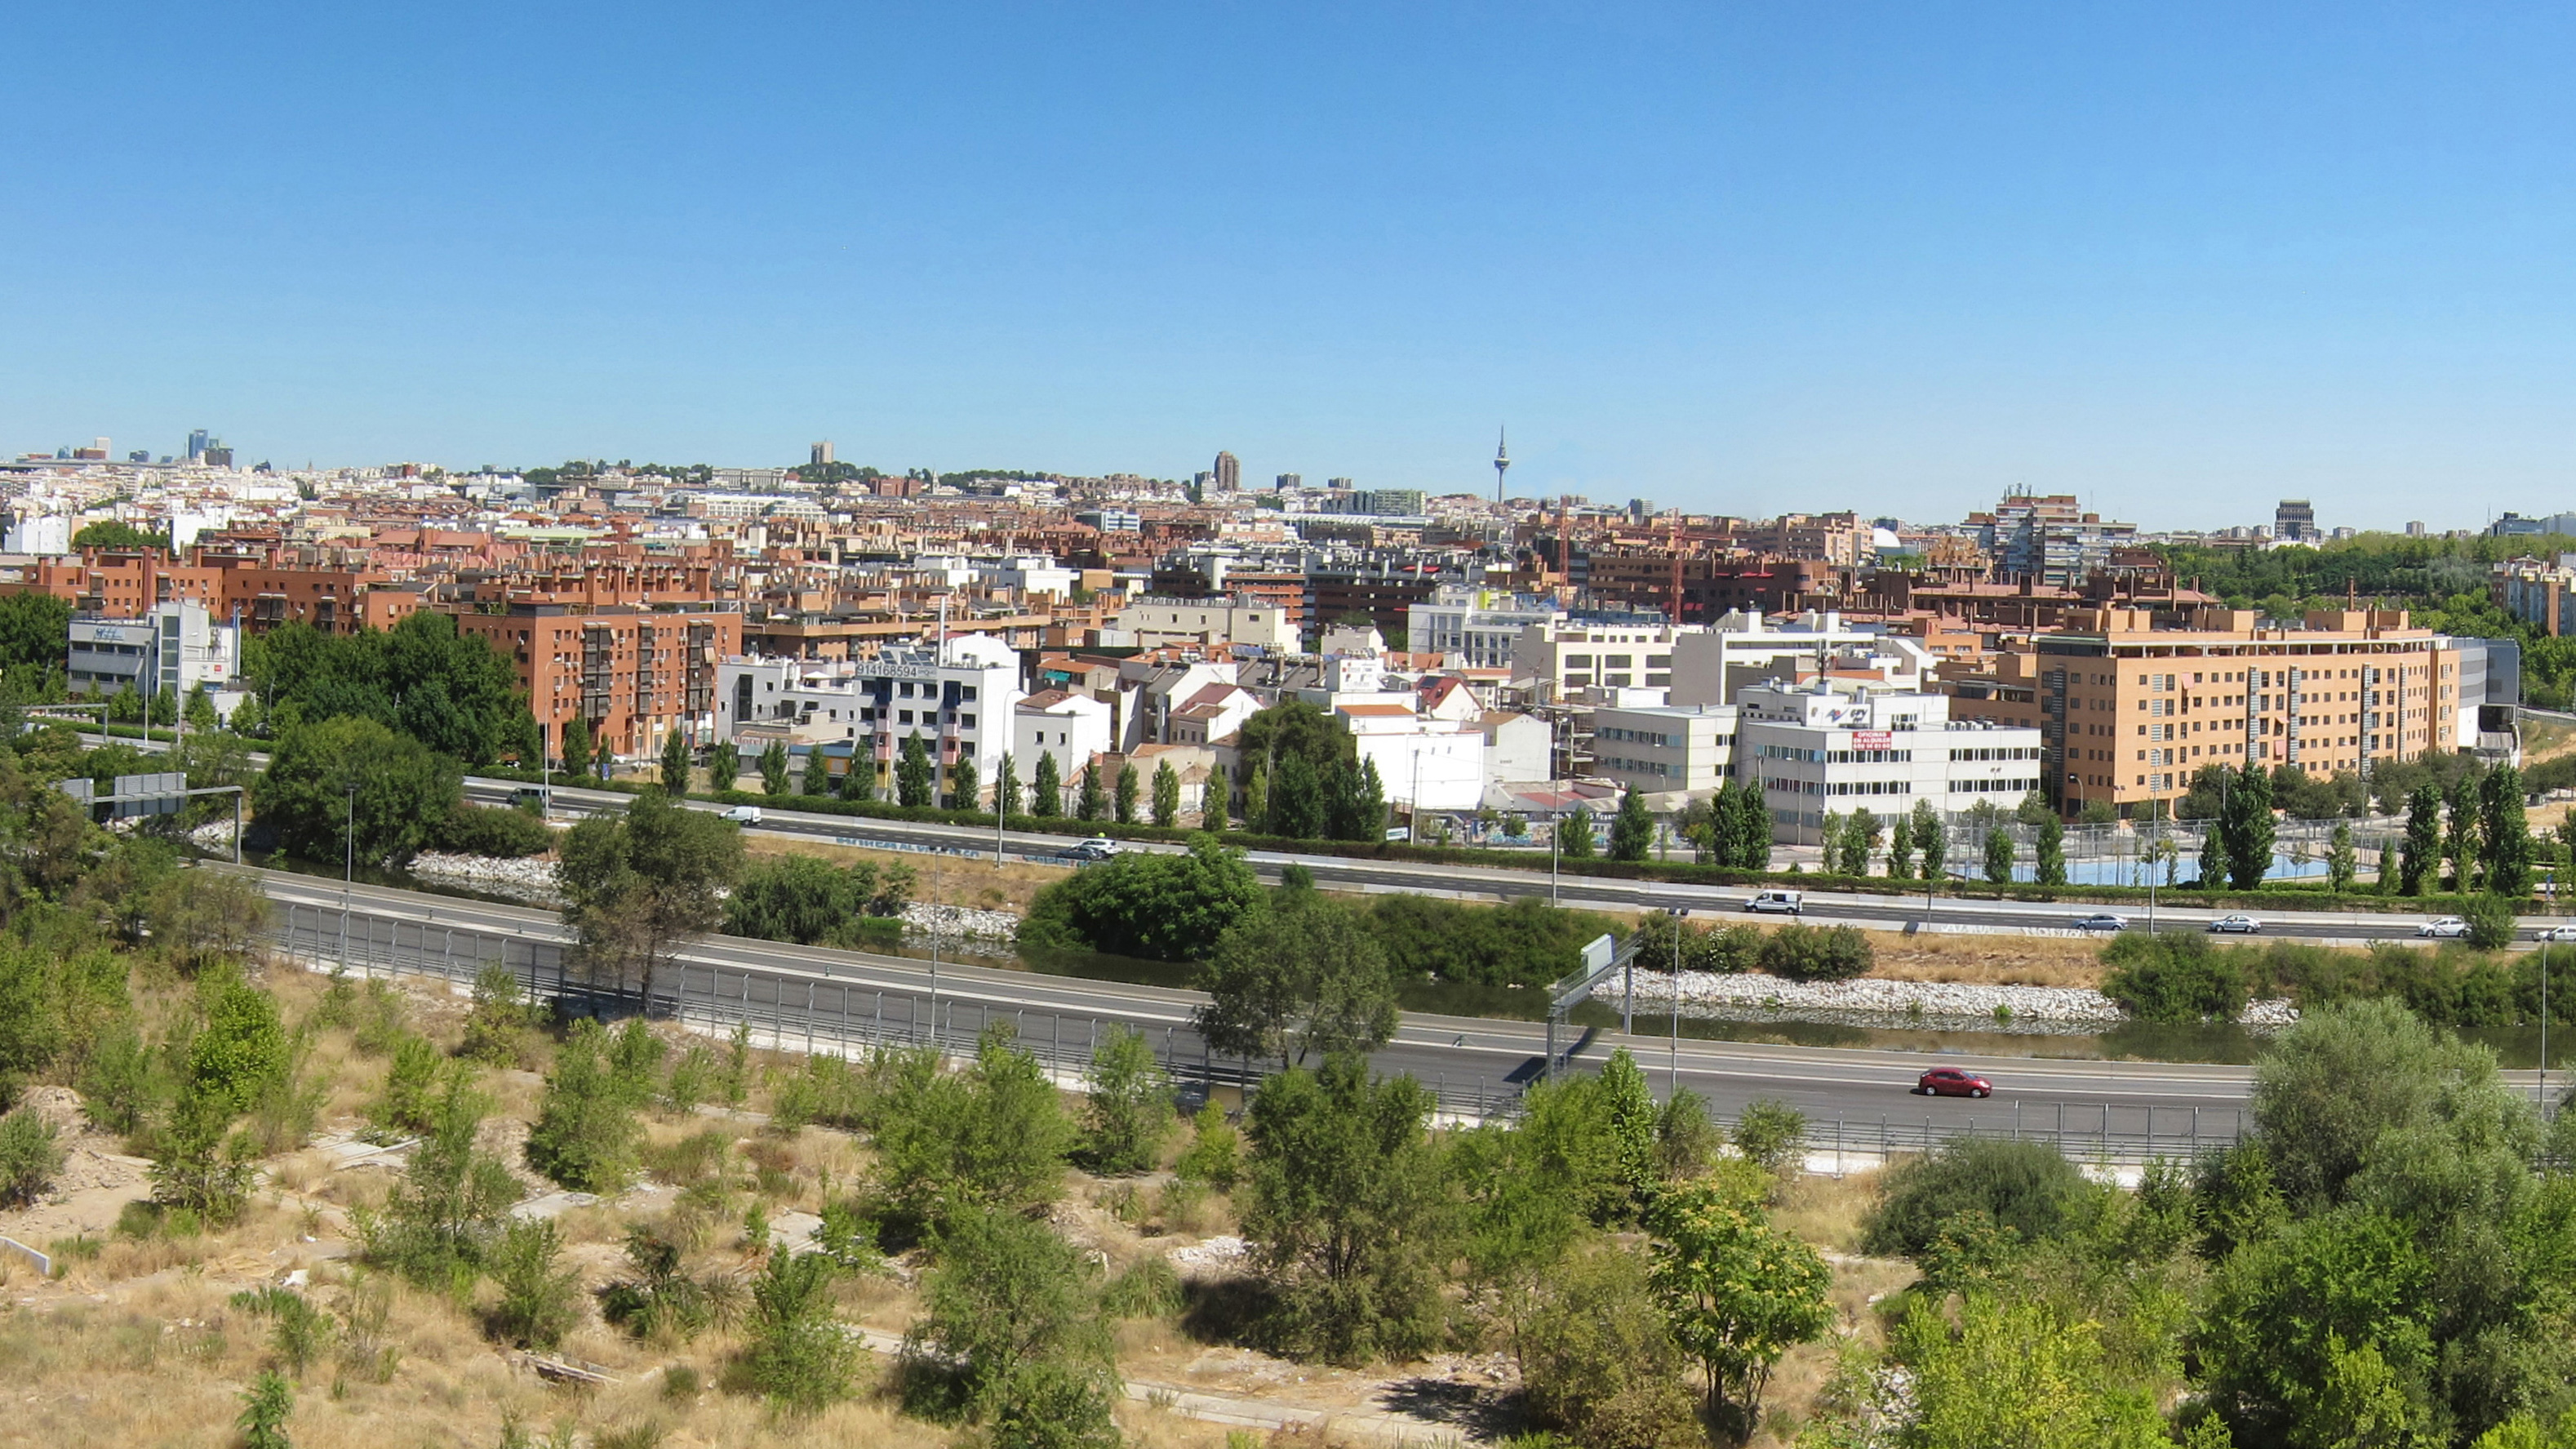 Residencial Puente de la Princesa vistas